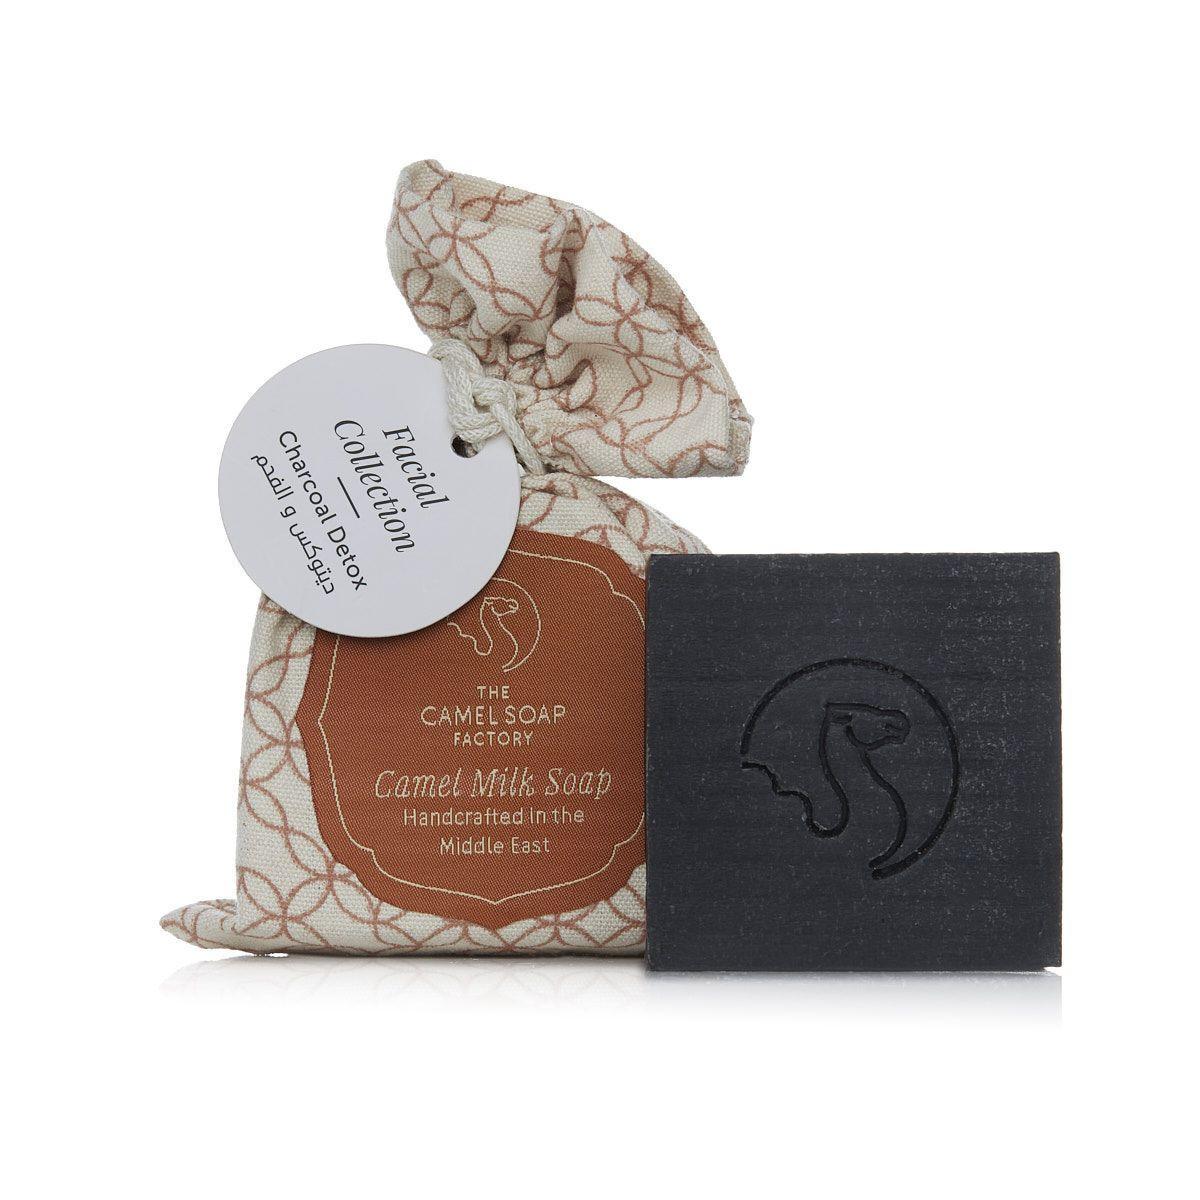 Camel milk soap - Charcoal & Tea Tree Face soap